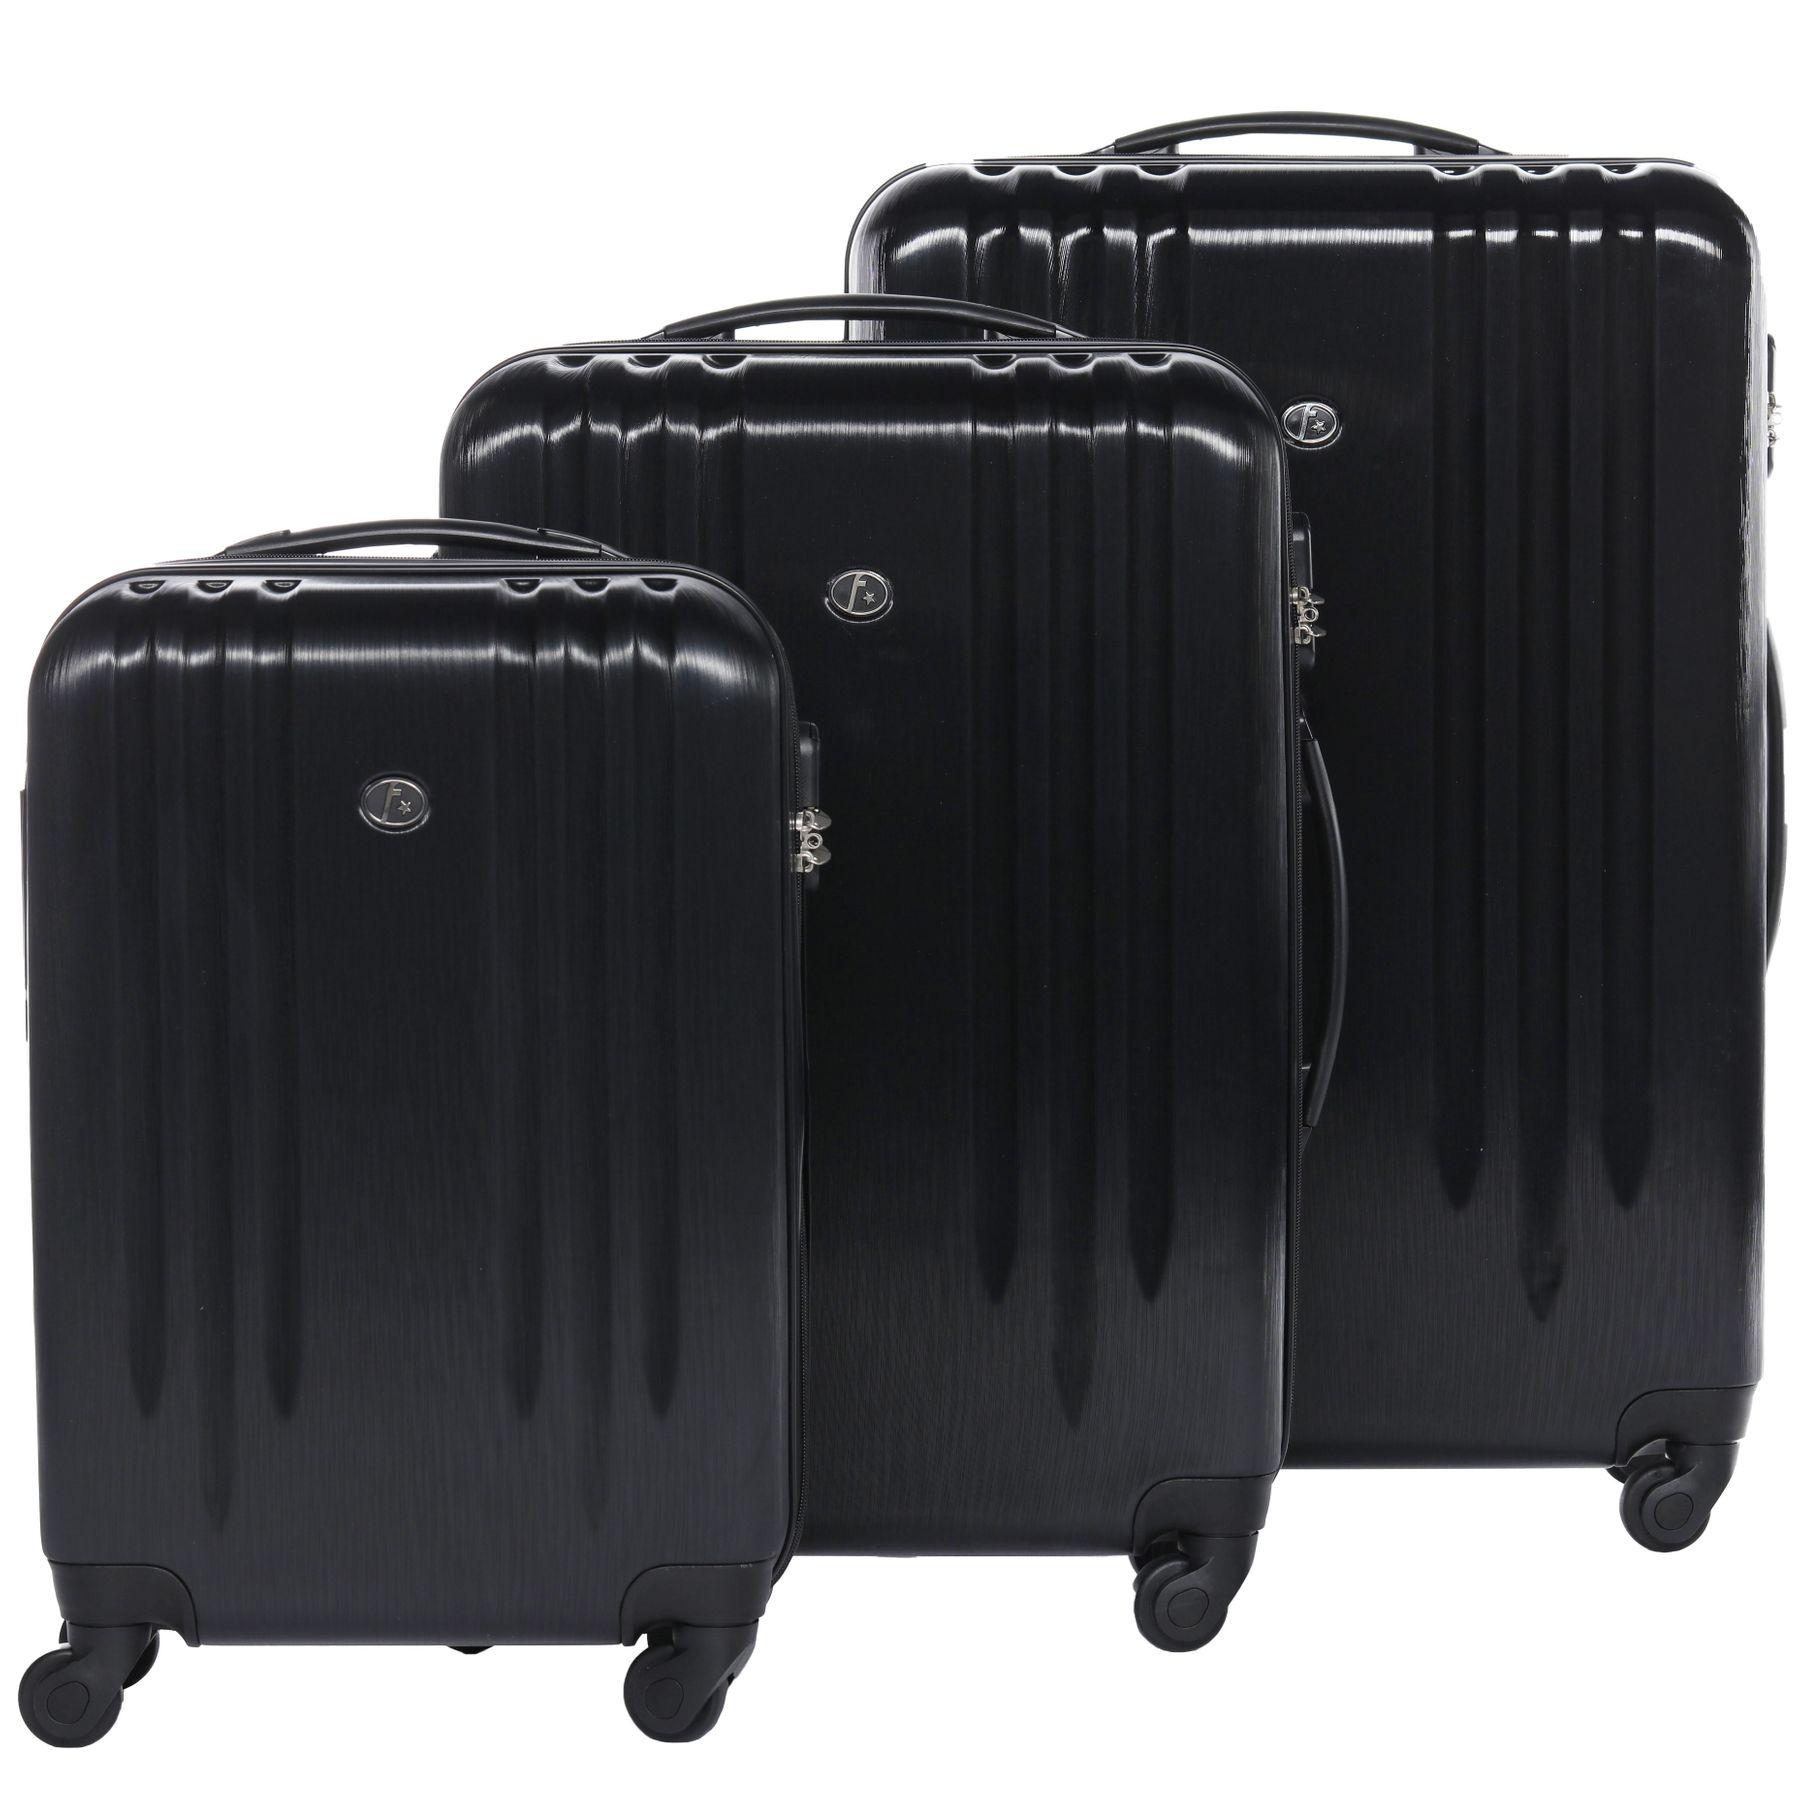 ferg rollkoffer reise koffer set 55 cm 65 cm 77 cm abs. Black Bedroom Furniture Sets. Home Design Ideas